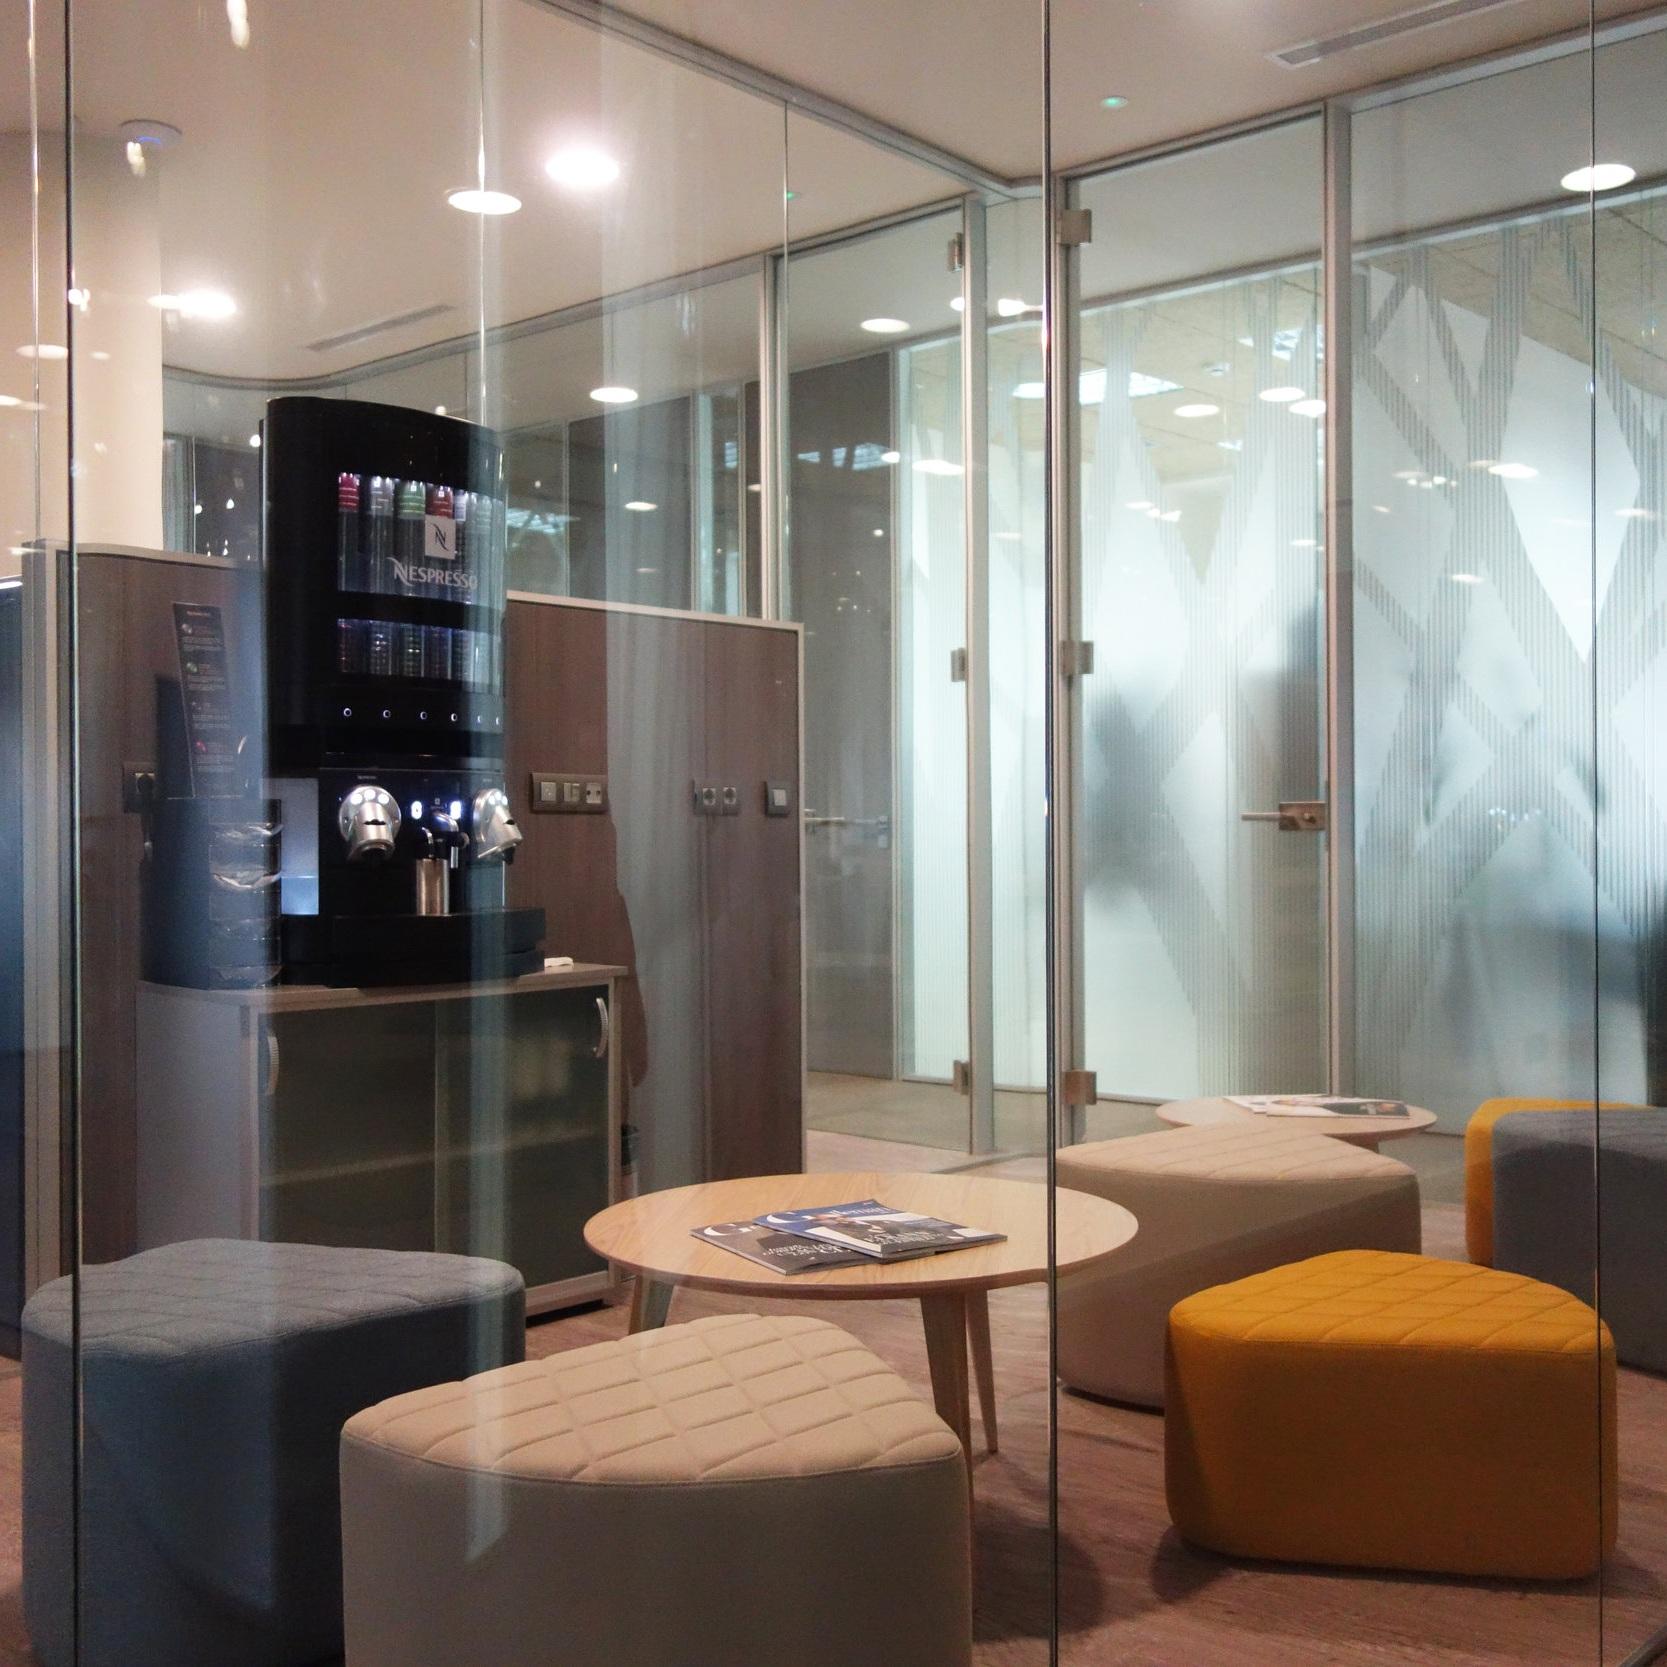 Coffee Space - Nuestro coffee space es uno de los lugares más utilizados del centro de negocios.Muchos de nuestros clientes recurren a este acogedor rincón no solo para realizar un coffee break sino también para realizar reuniones de trabajo distendidas en un lugar diseñado para el confort.Ver galería >